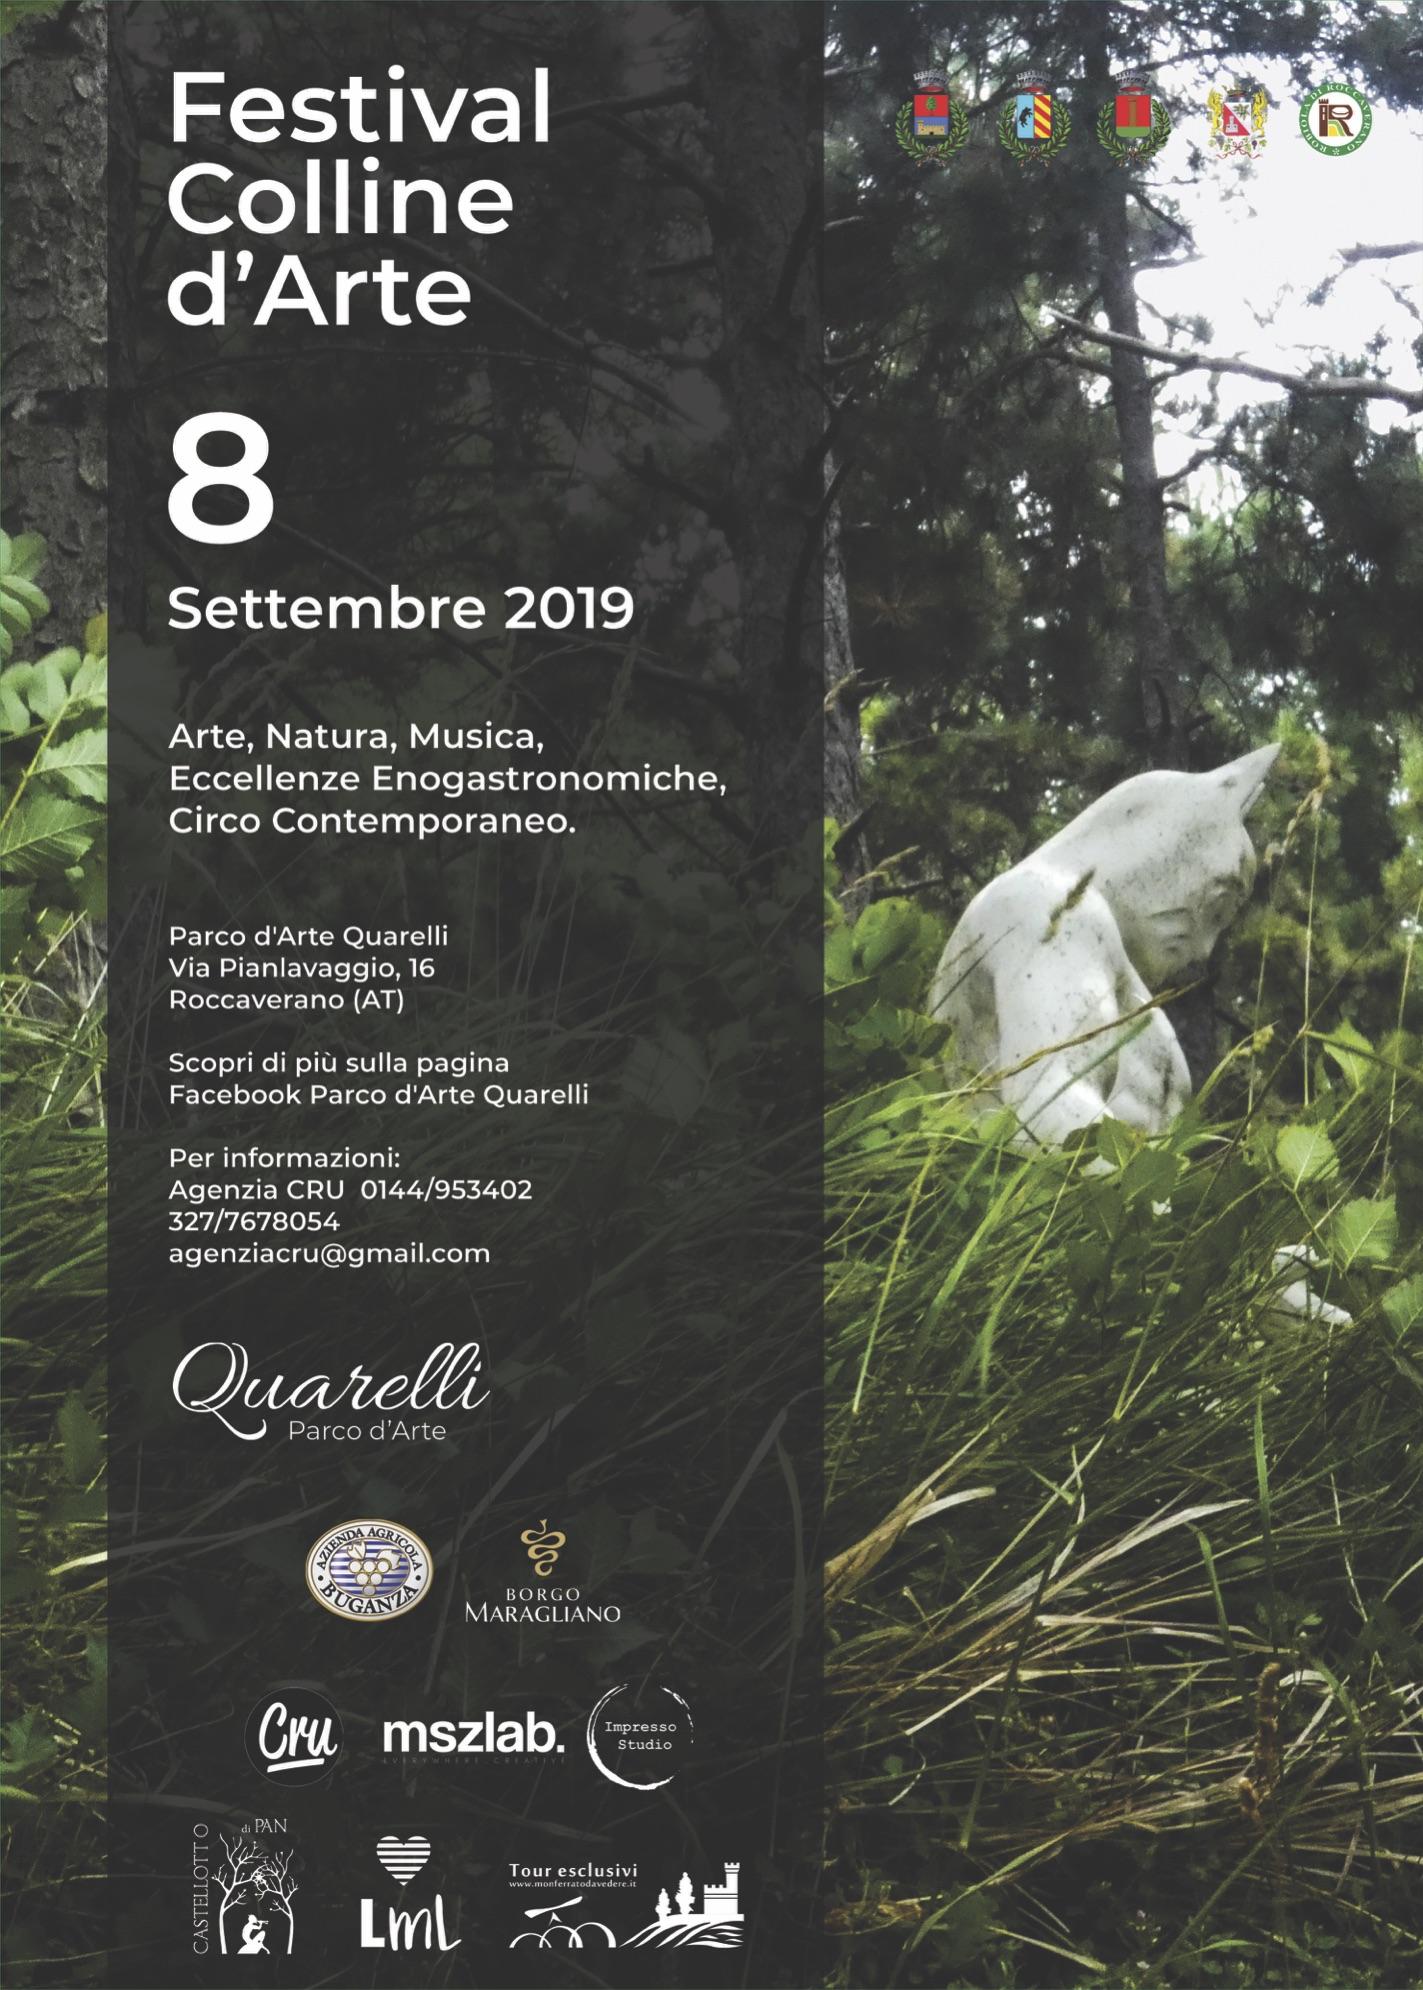 Locandina Festival Colline d'Arte, Roccaverano (AT)